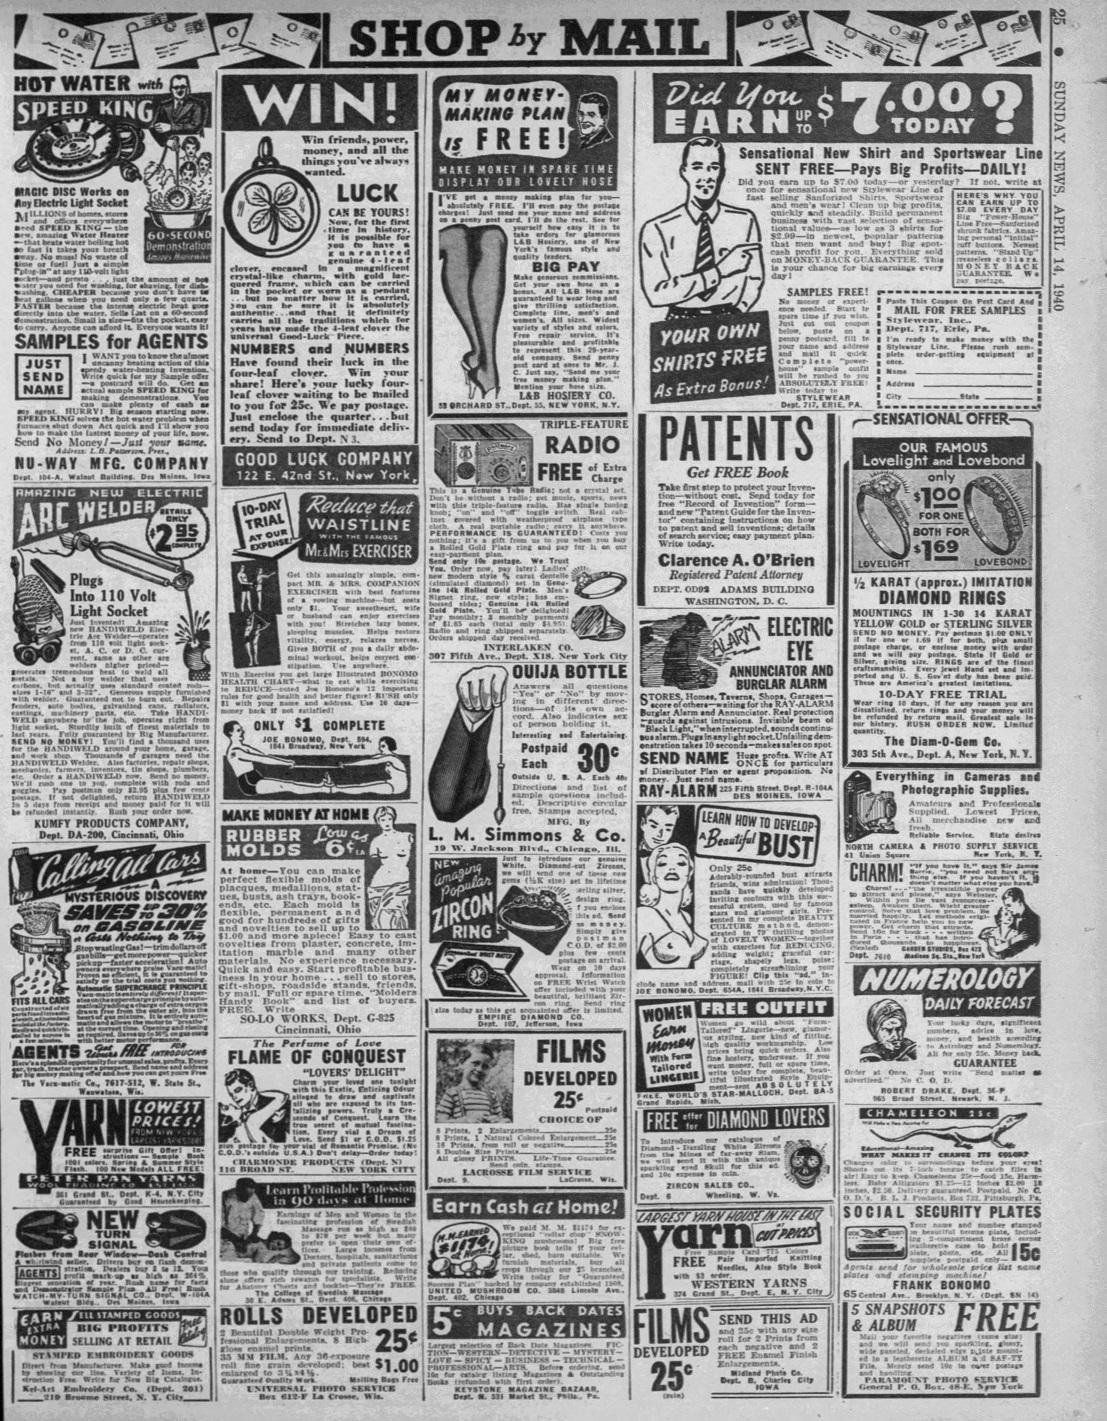 Daily_News_Sun__Apr_14__1940_(1).jpg